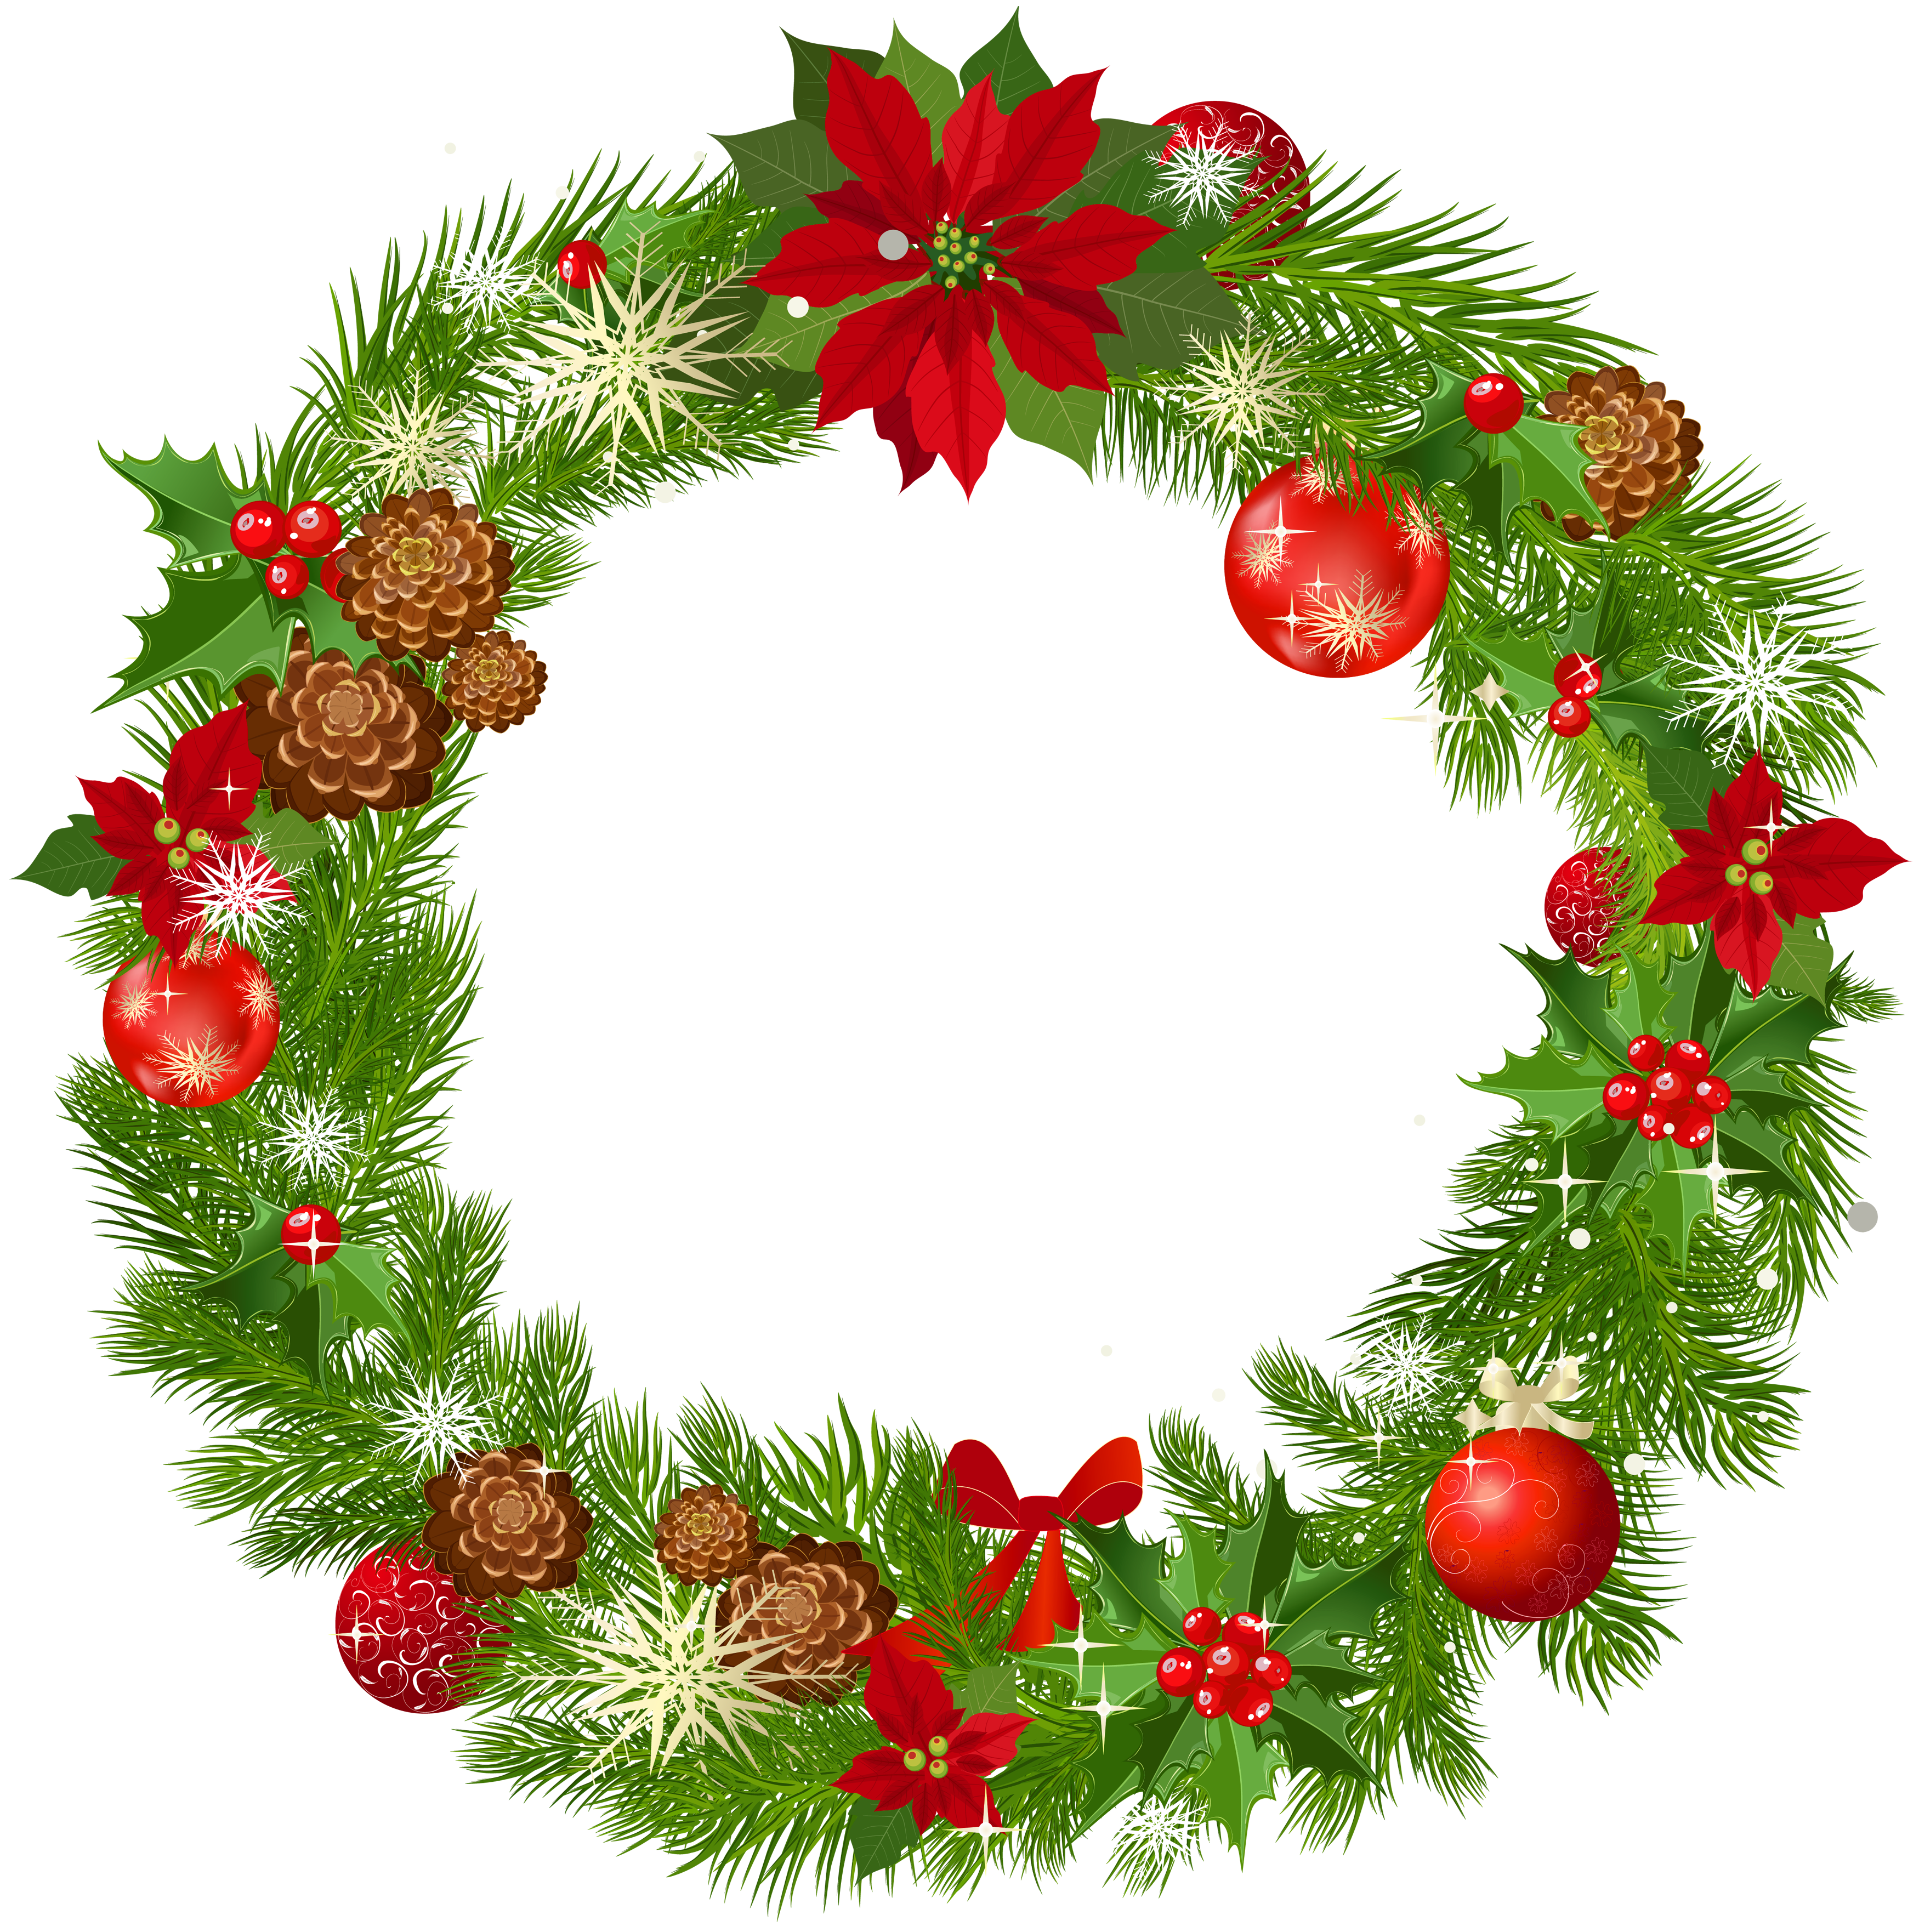 Garland clipart tassel garland. Wreath the best worksheets